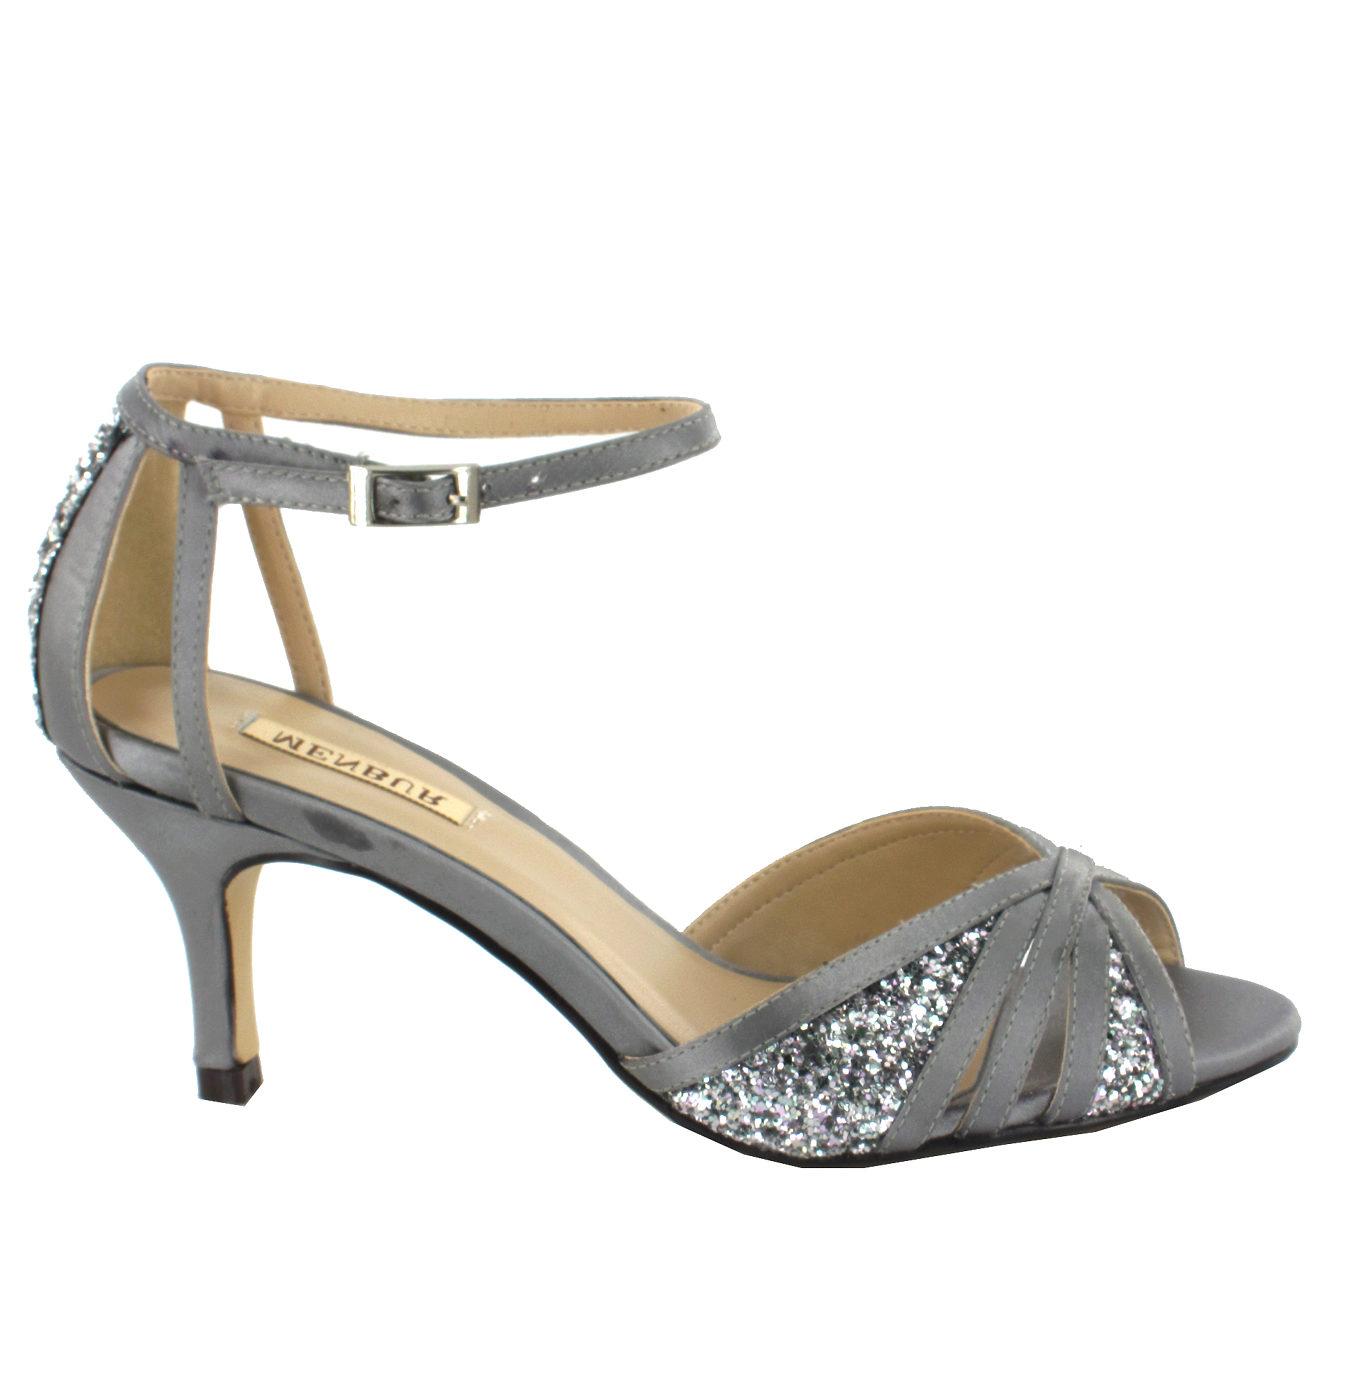 b77874a9c8a Stříbrné společenské boty Menbur Menbur